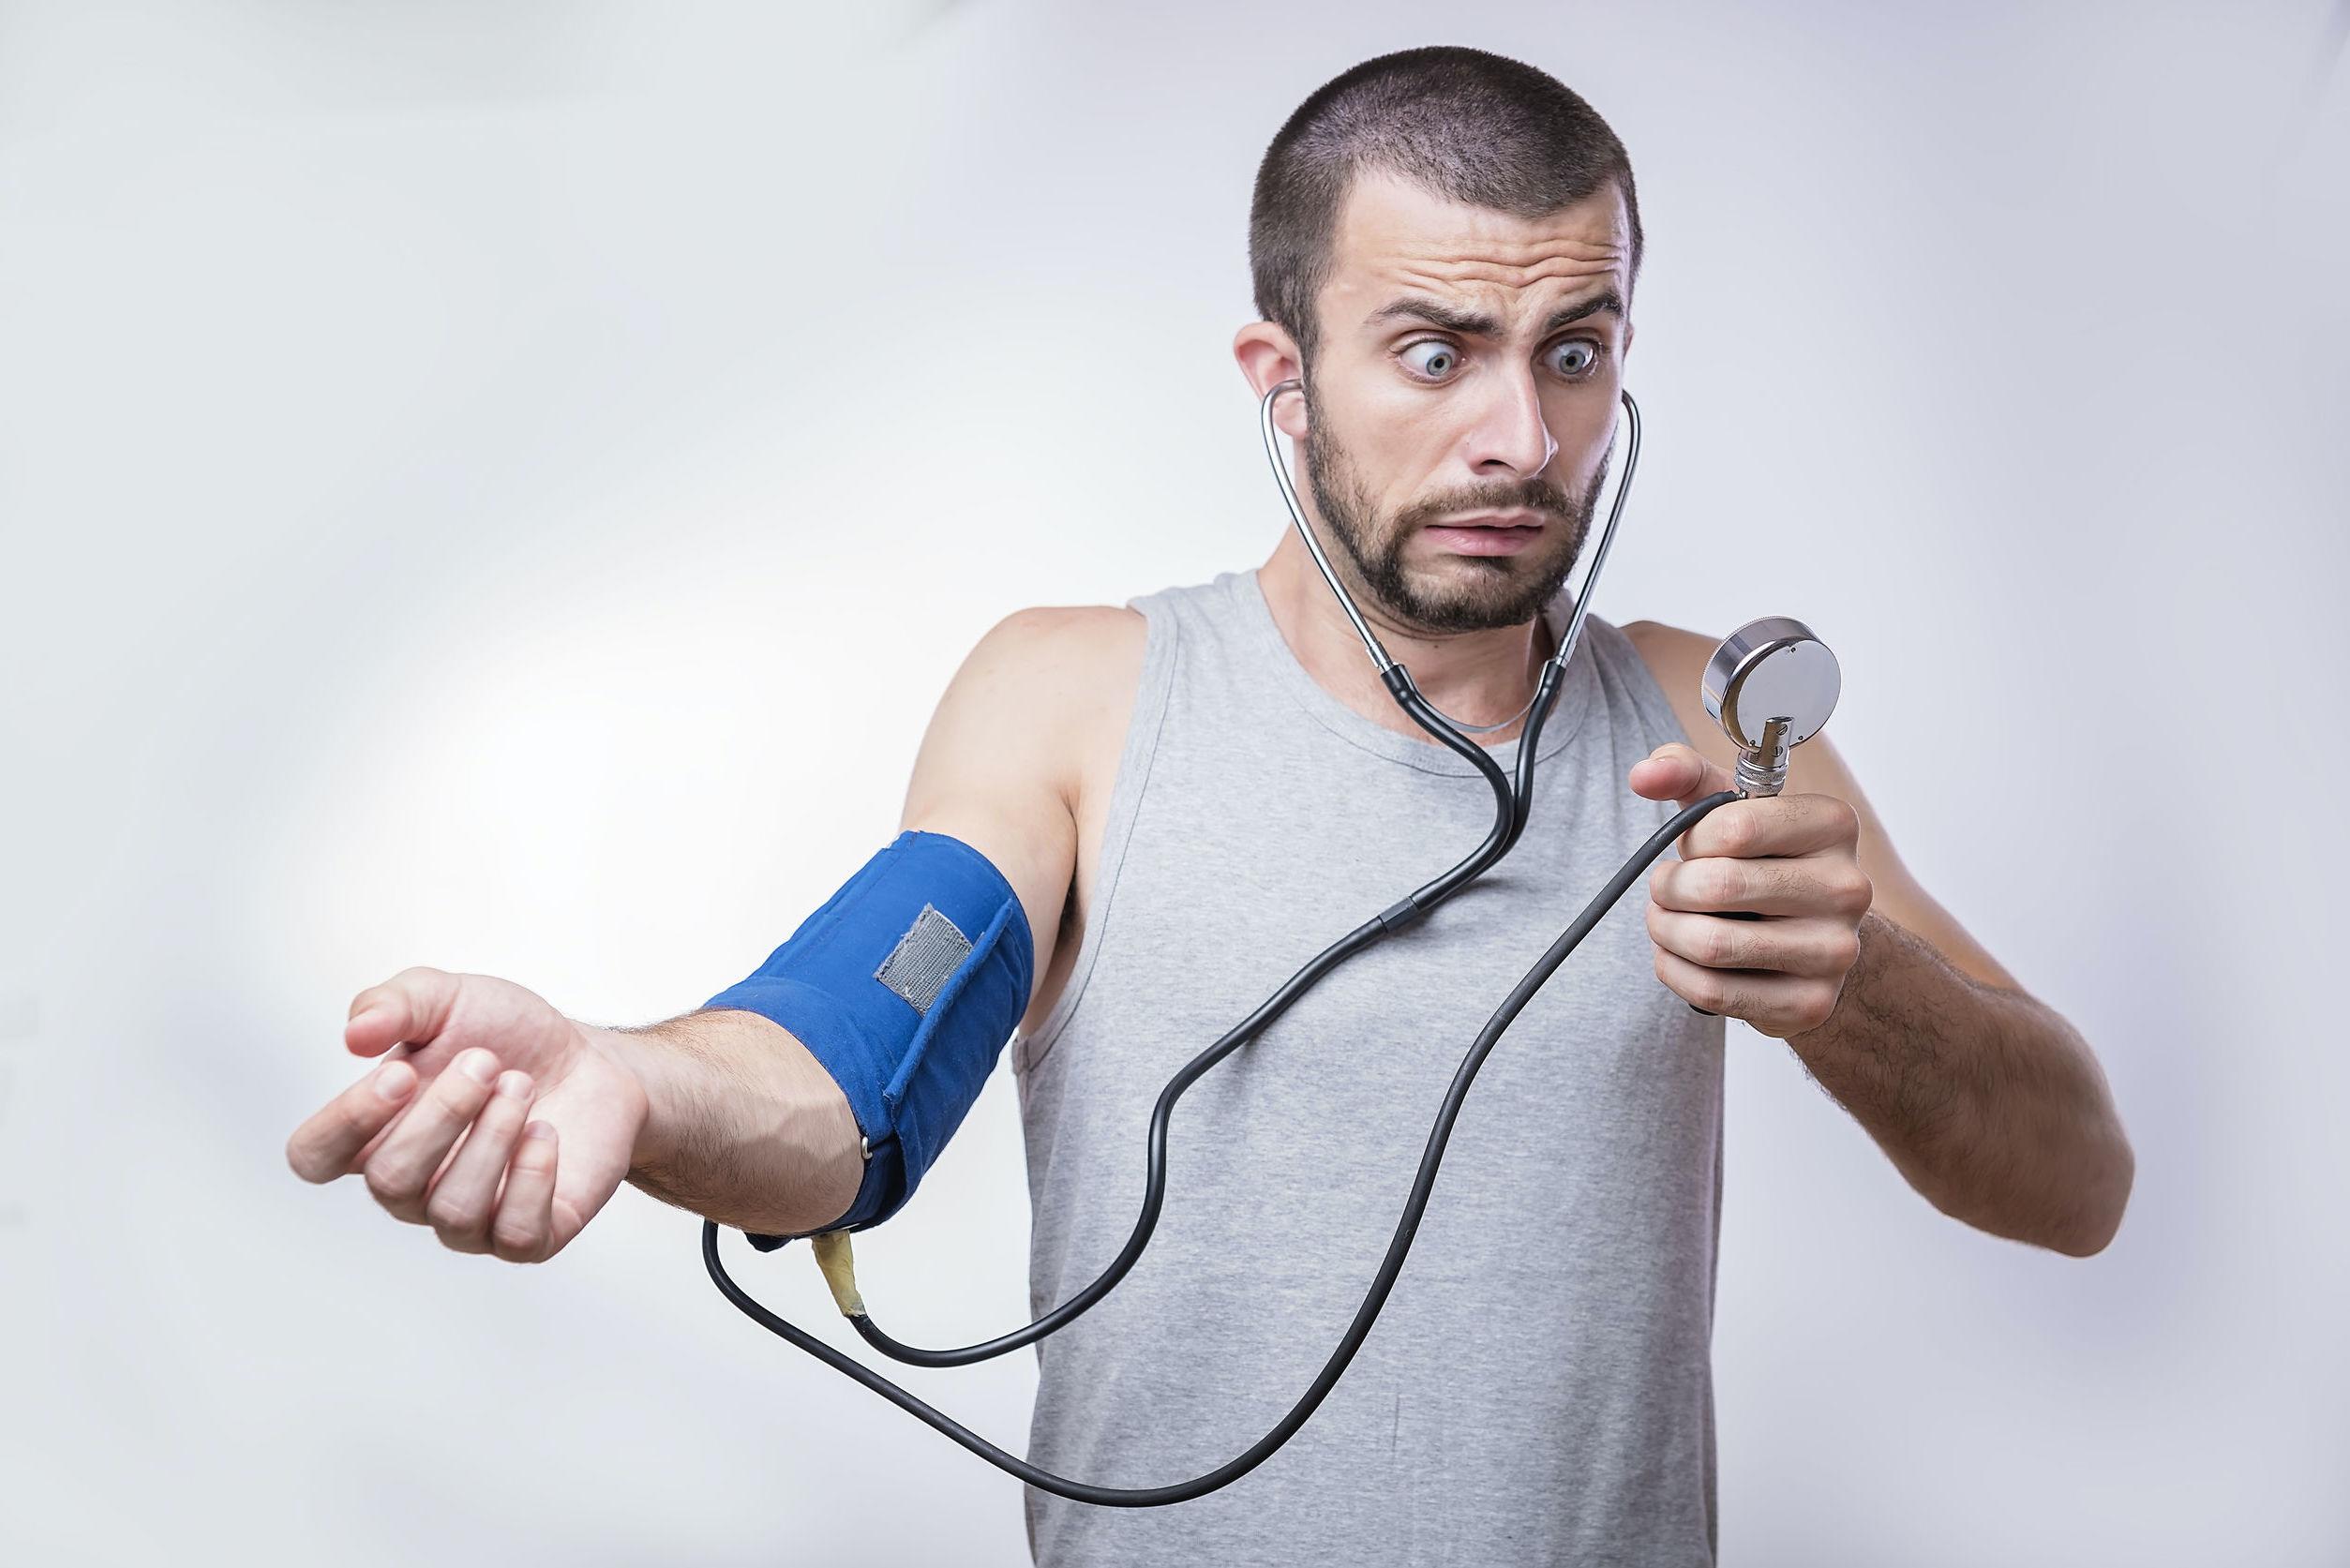 magas vérnyomás és annak diagnózisa)